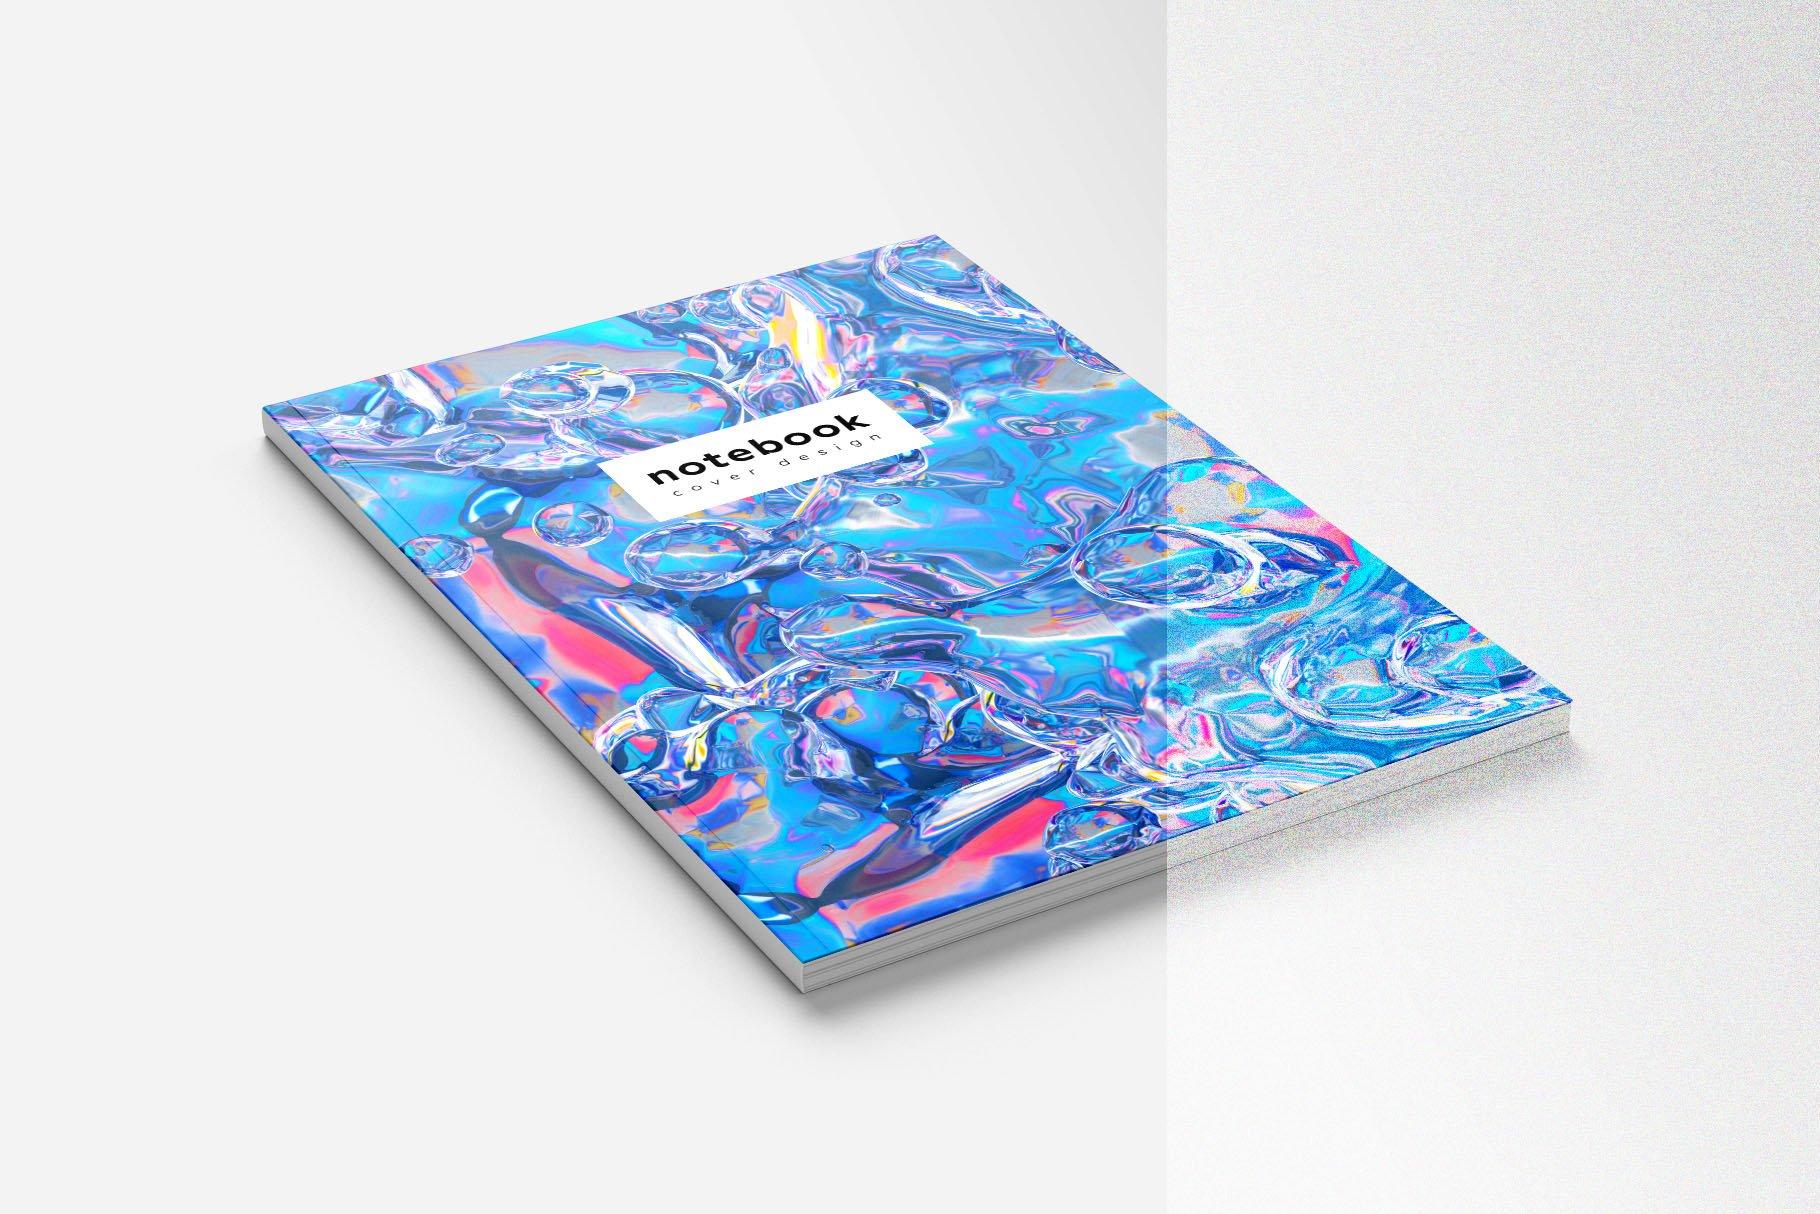 [淘宝购买] 23款抽象全息渐变不规则碎裂3D水滴流体图形设计素材 FOIL SHAPES Color Version插图(6)